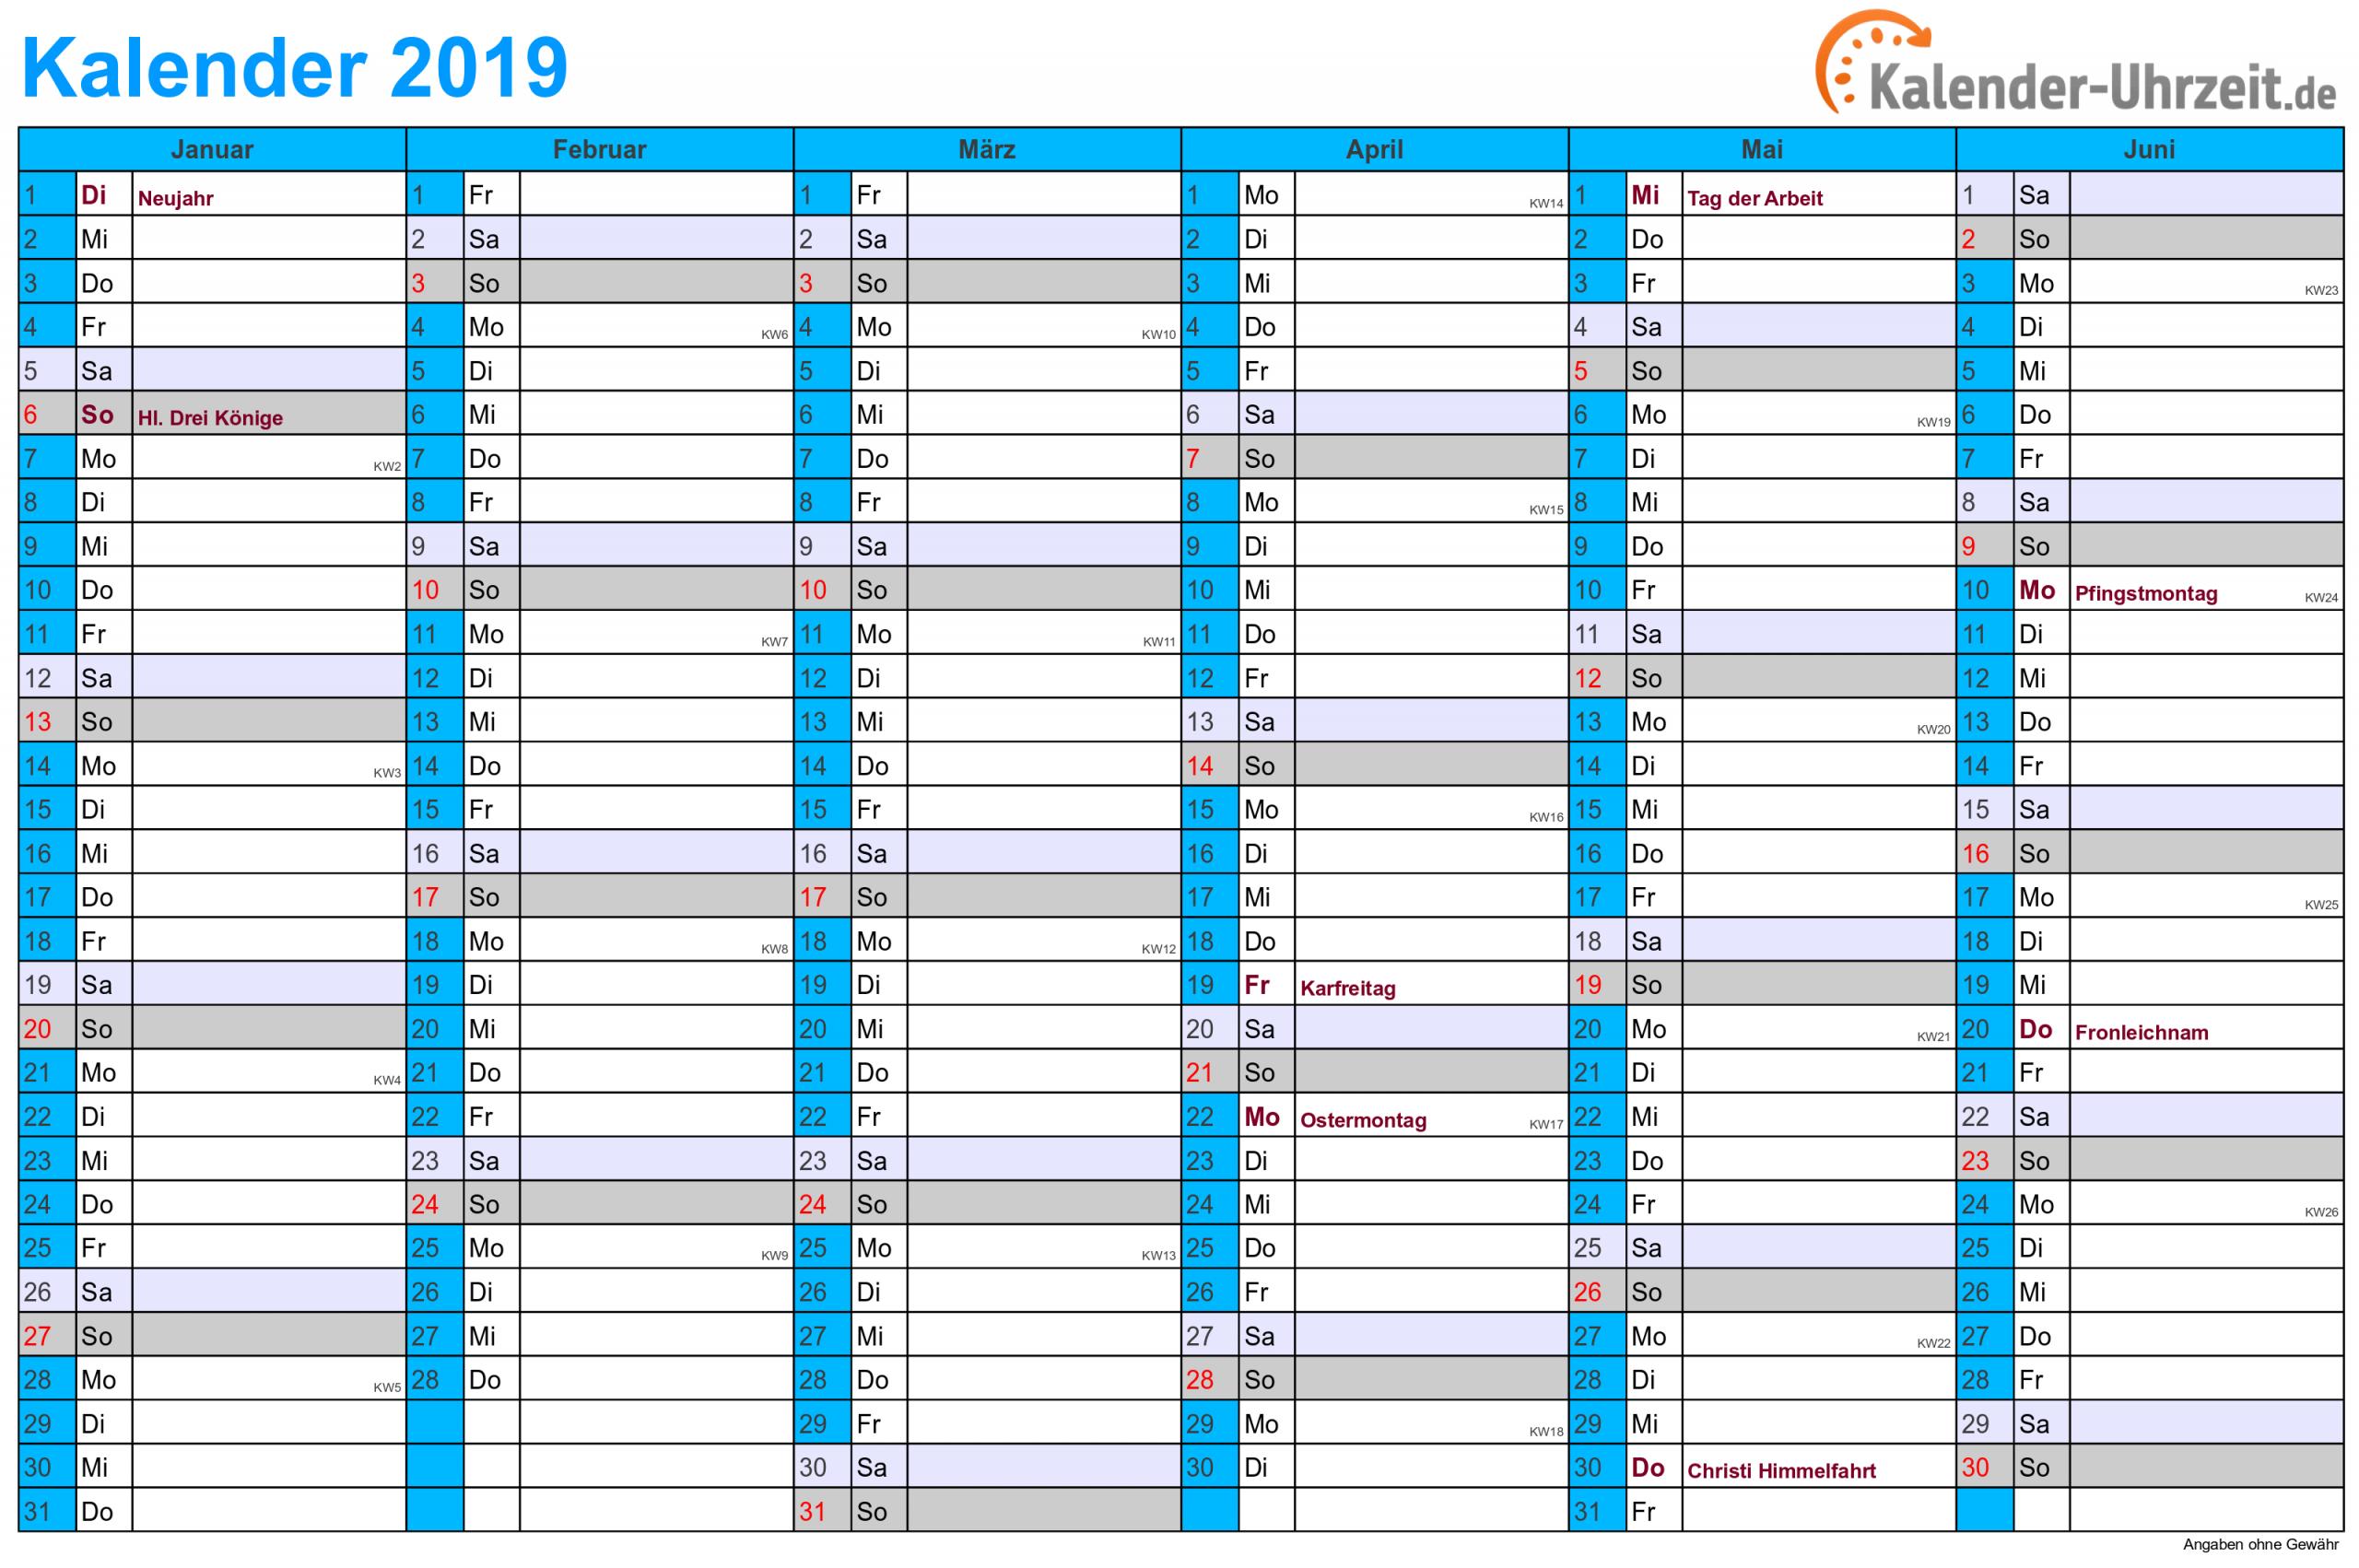 Kalender 2019 Zum Ausdrucken - Kostenlos in Online Kalender Zum Eintragen